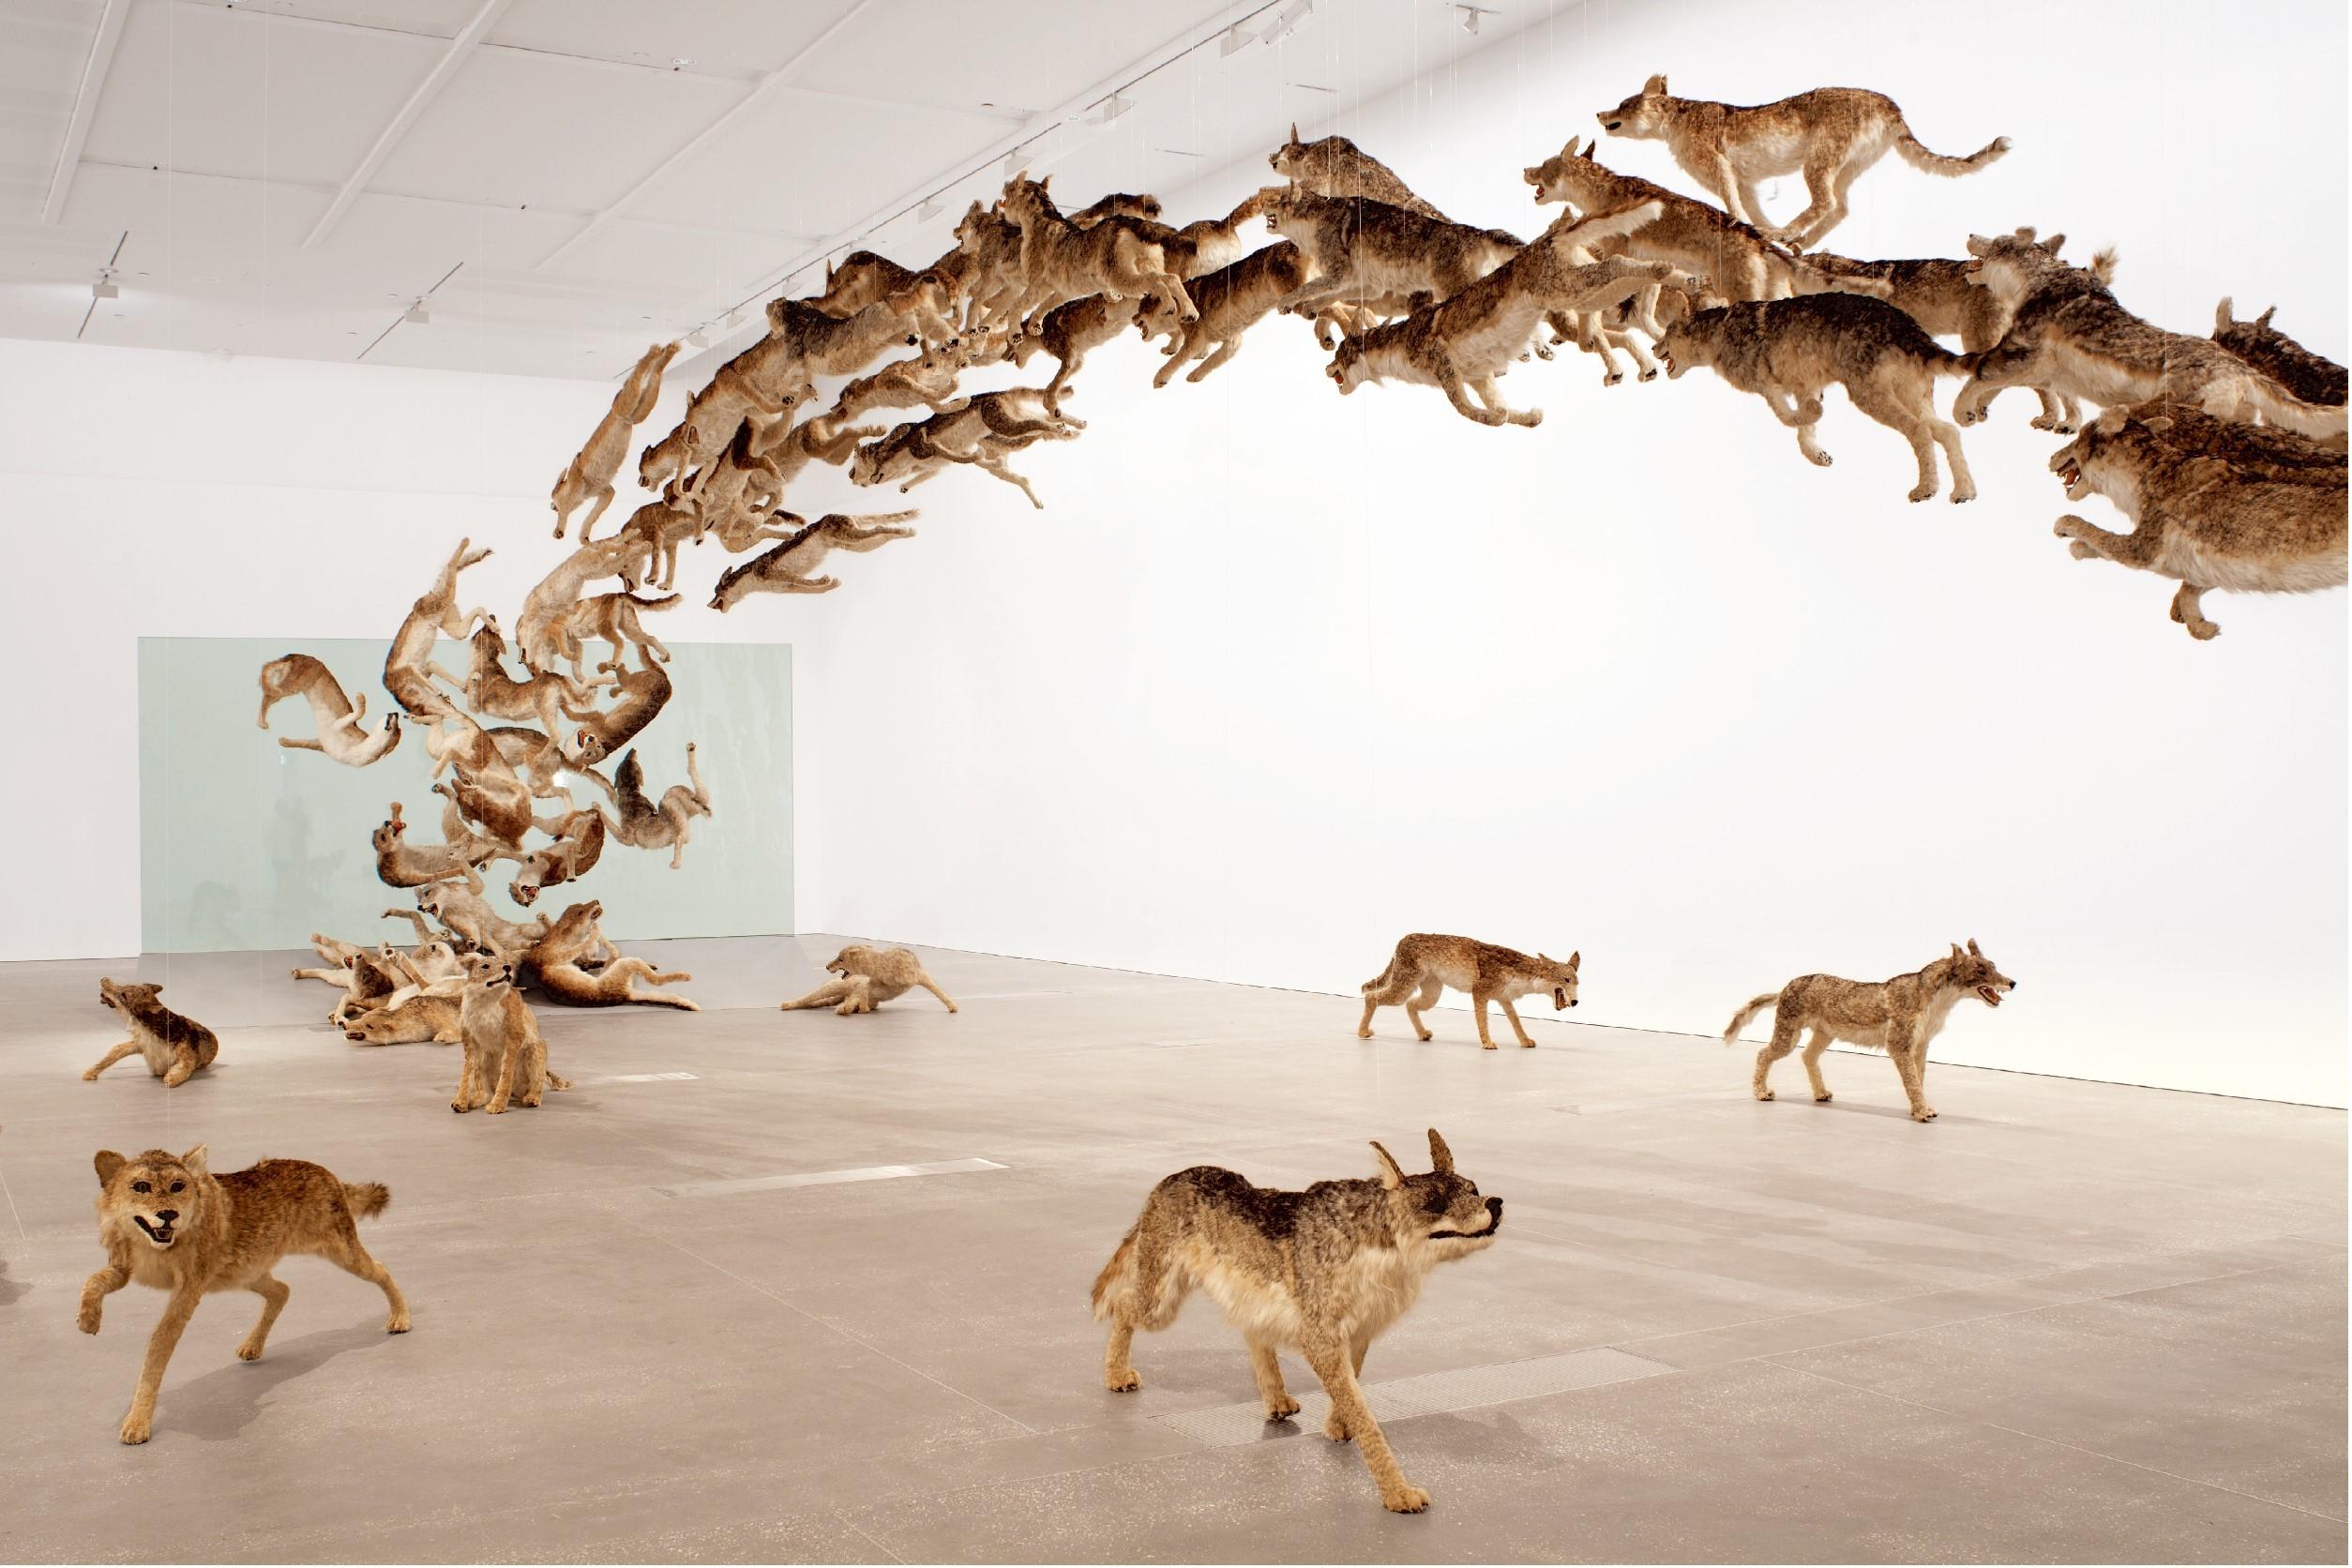 《壁撞き》2006年、 狼のレプリカ(99体)・ガラス、 サイズ可変、 ドイツ銀行によるコミッション・ワーク The Deutsche Bank Collection Photo by Jon Linkins, courtesy: Queensland Art Gallery | Gallery of Modern Art